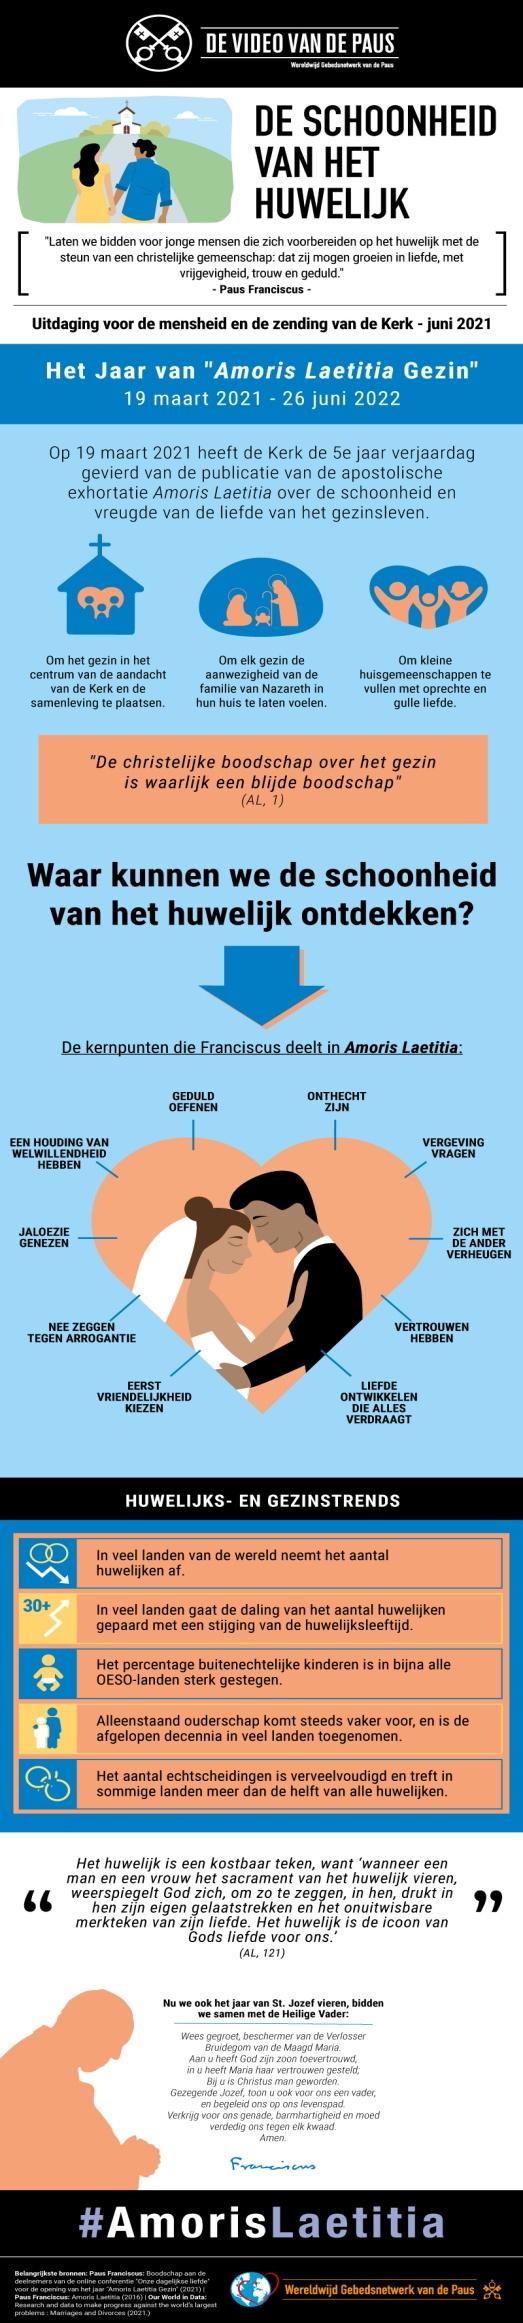 https://thepopevideo.org/wp-content/uploads/2021/05/Infographic-TPV-6-2021-NL-De-schoonheid-van-het-huwelijk.jpg